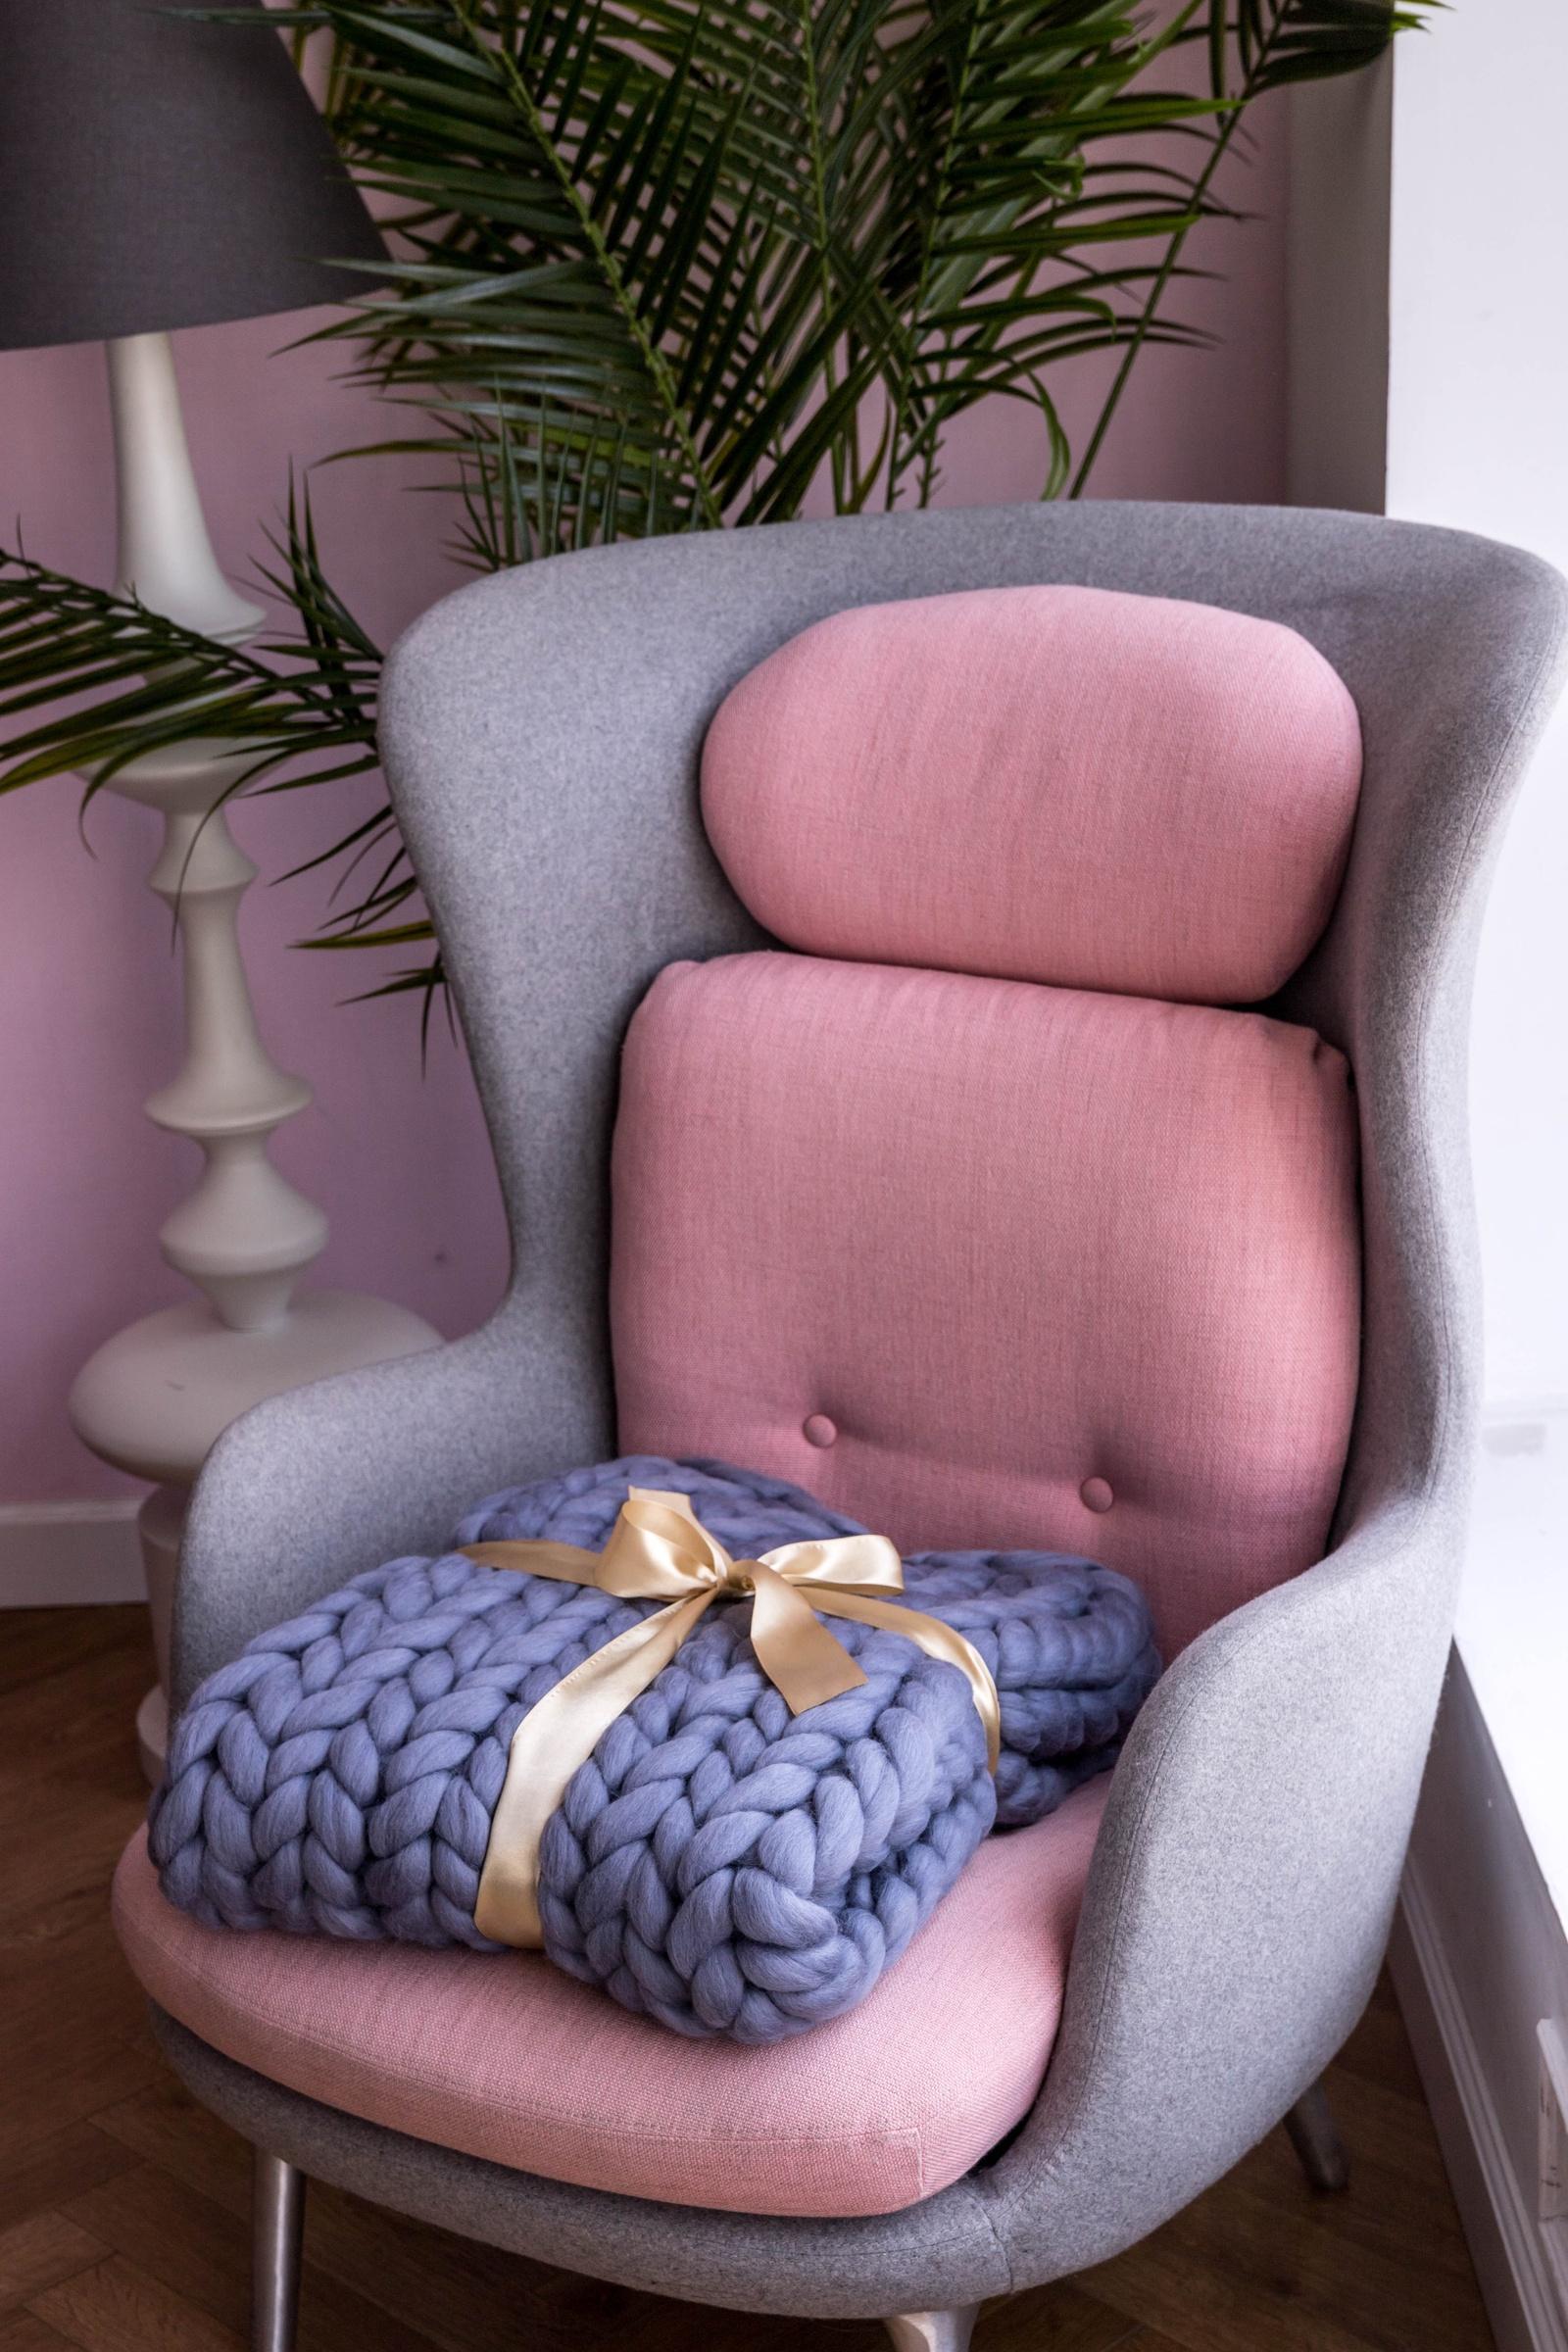 Плед Cloudlet, шерсть, цвет:светло-голубой, 100х150 см плед cloudlet шерсть цвет светло розовый 100х150 см